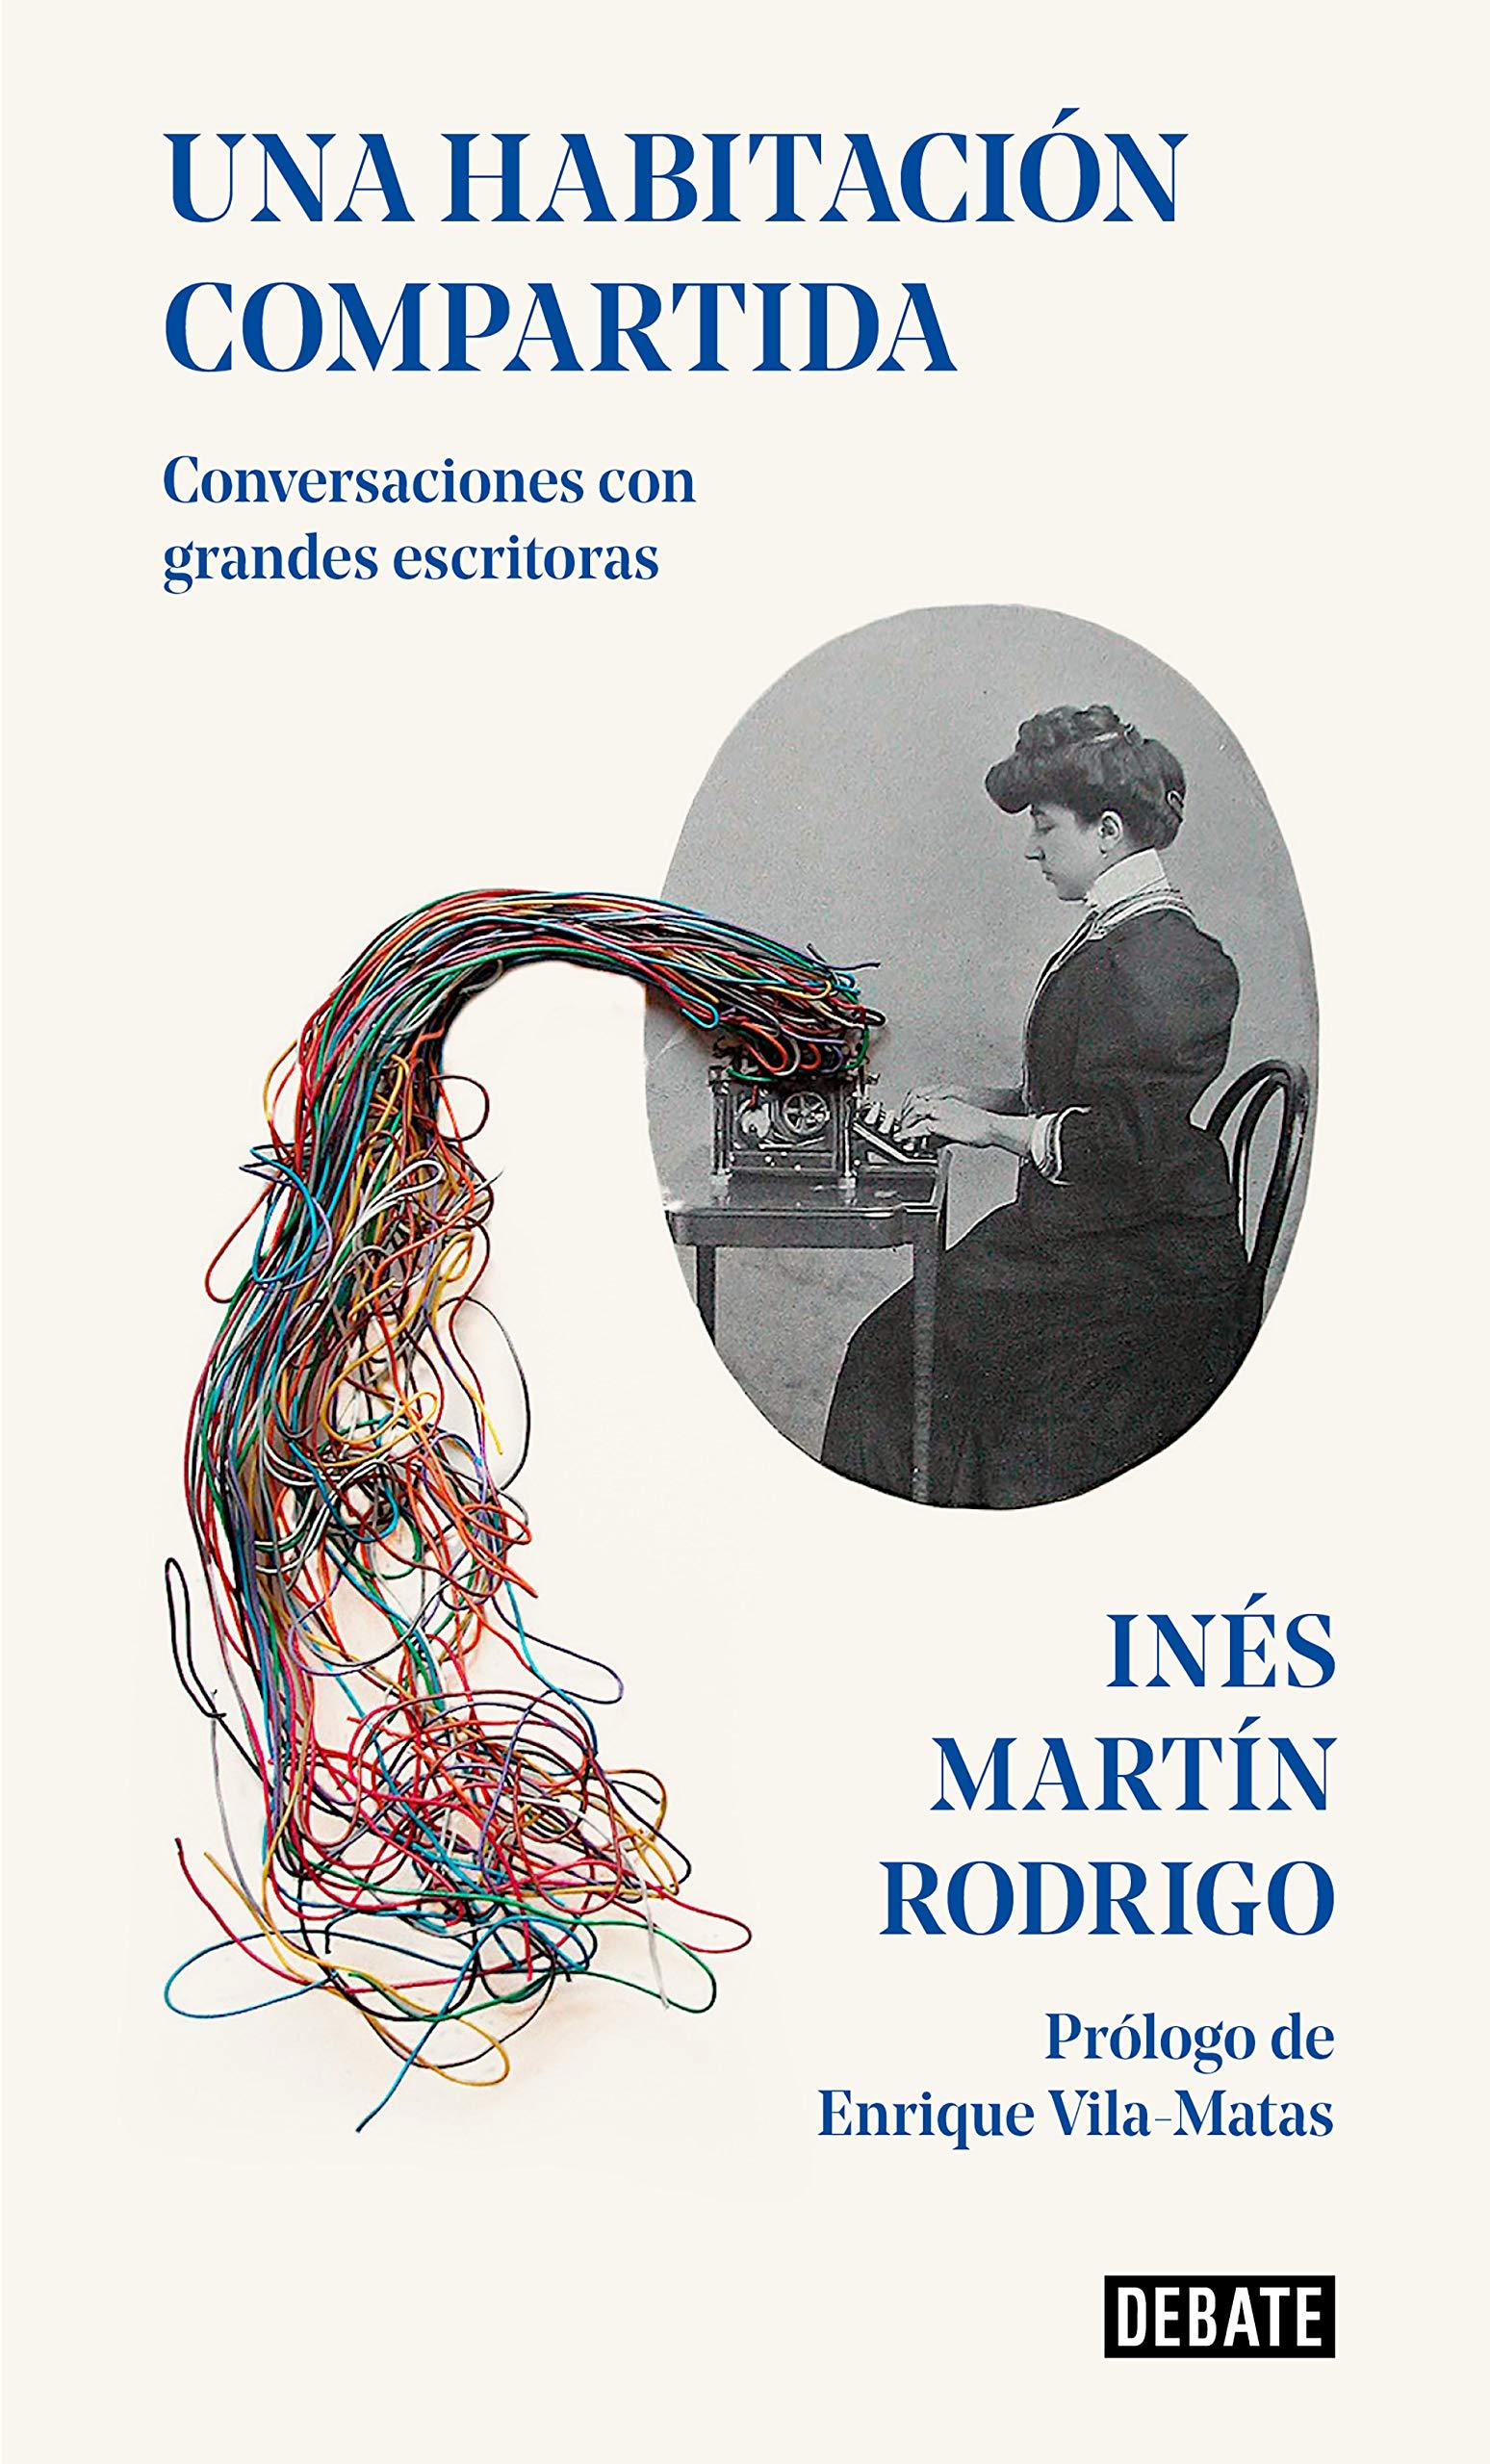 Una habitación compartida, de Inés Martín Rodrigo